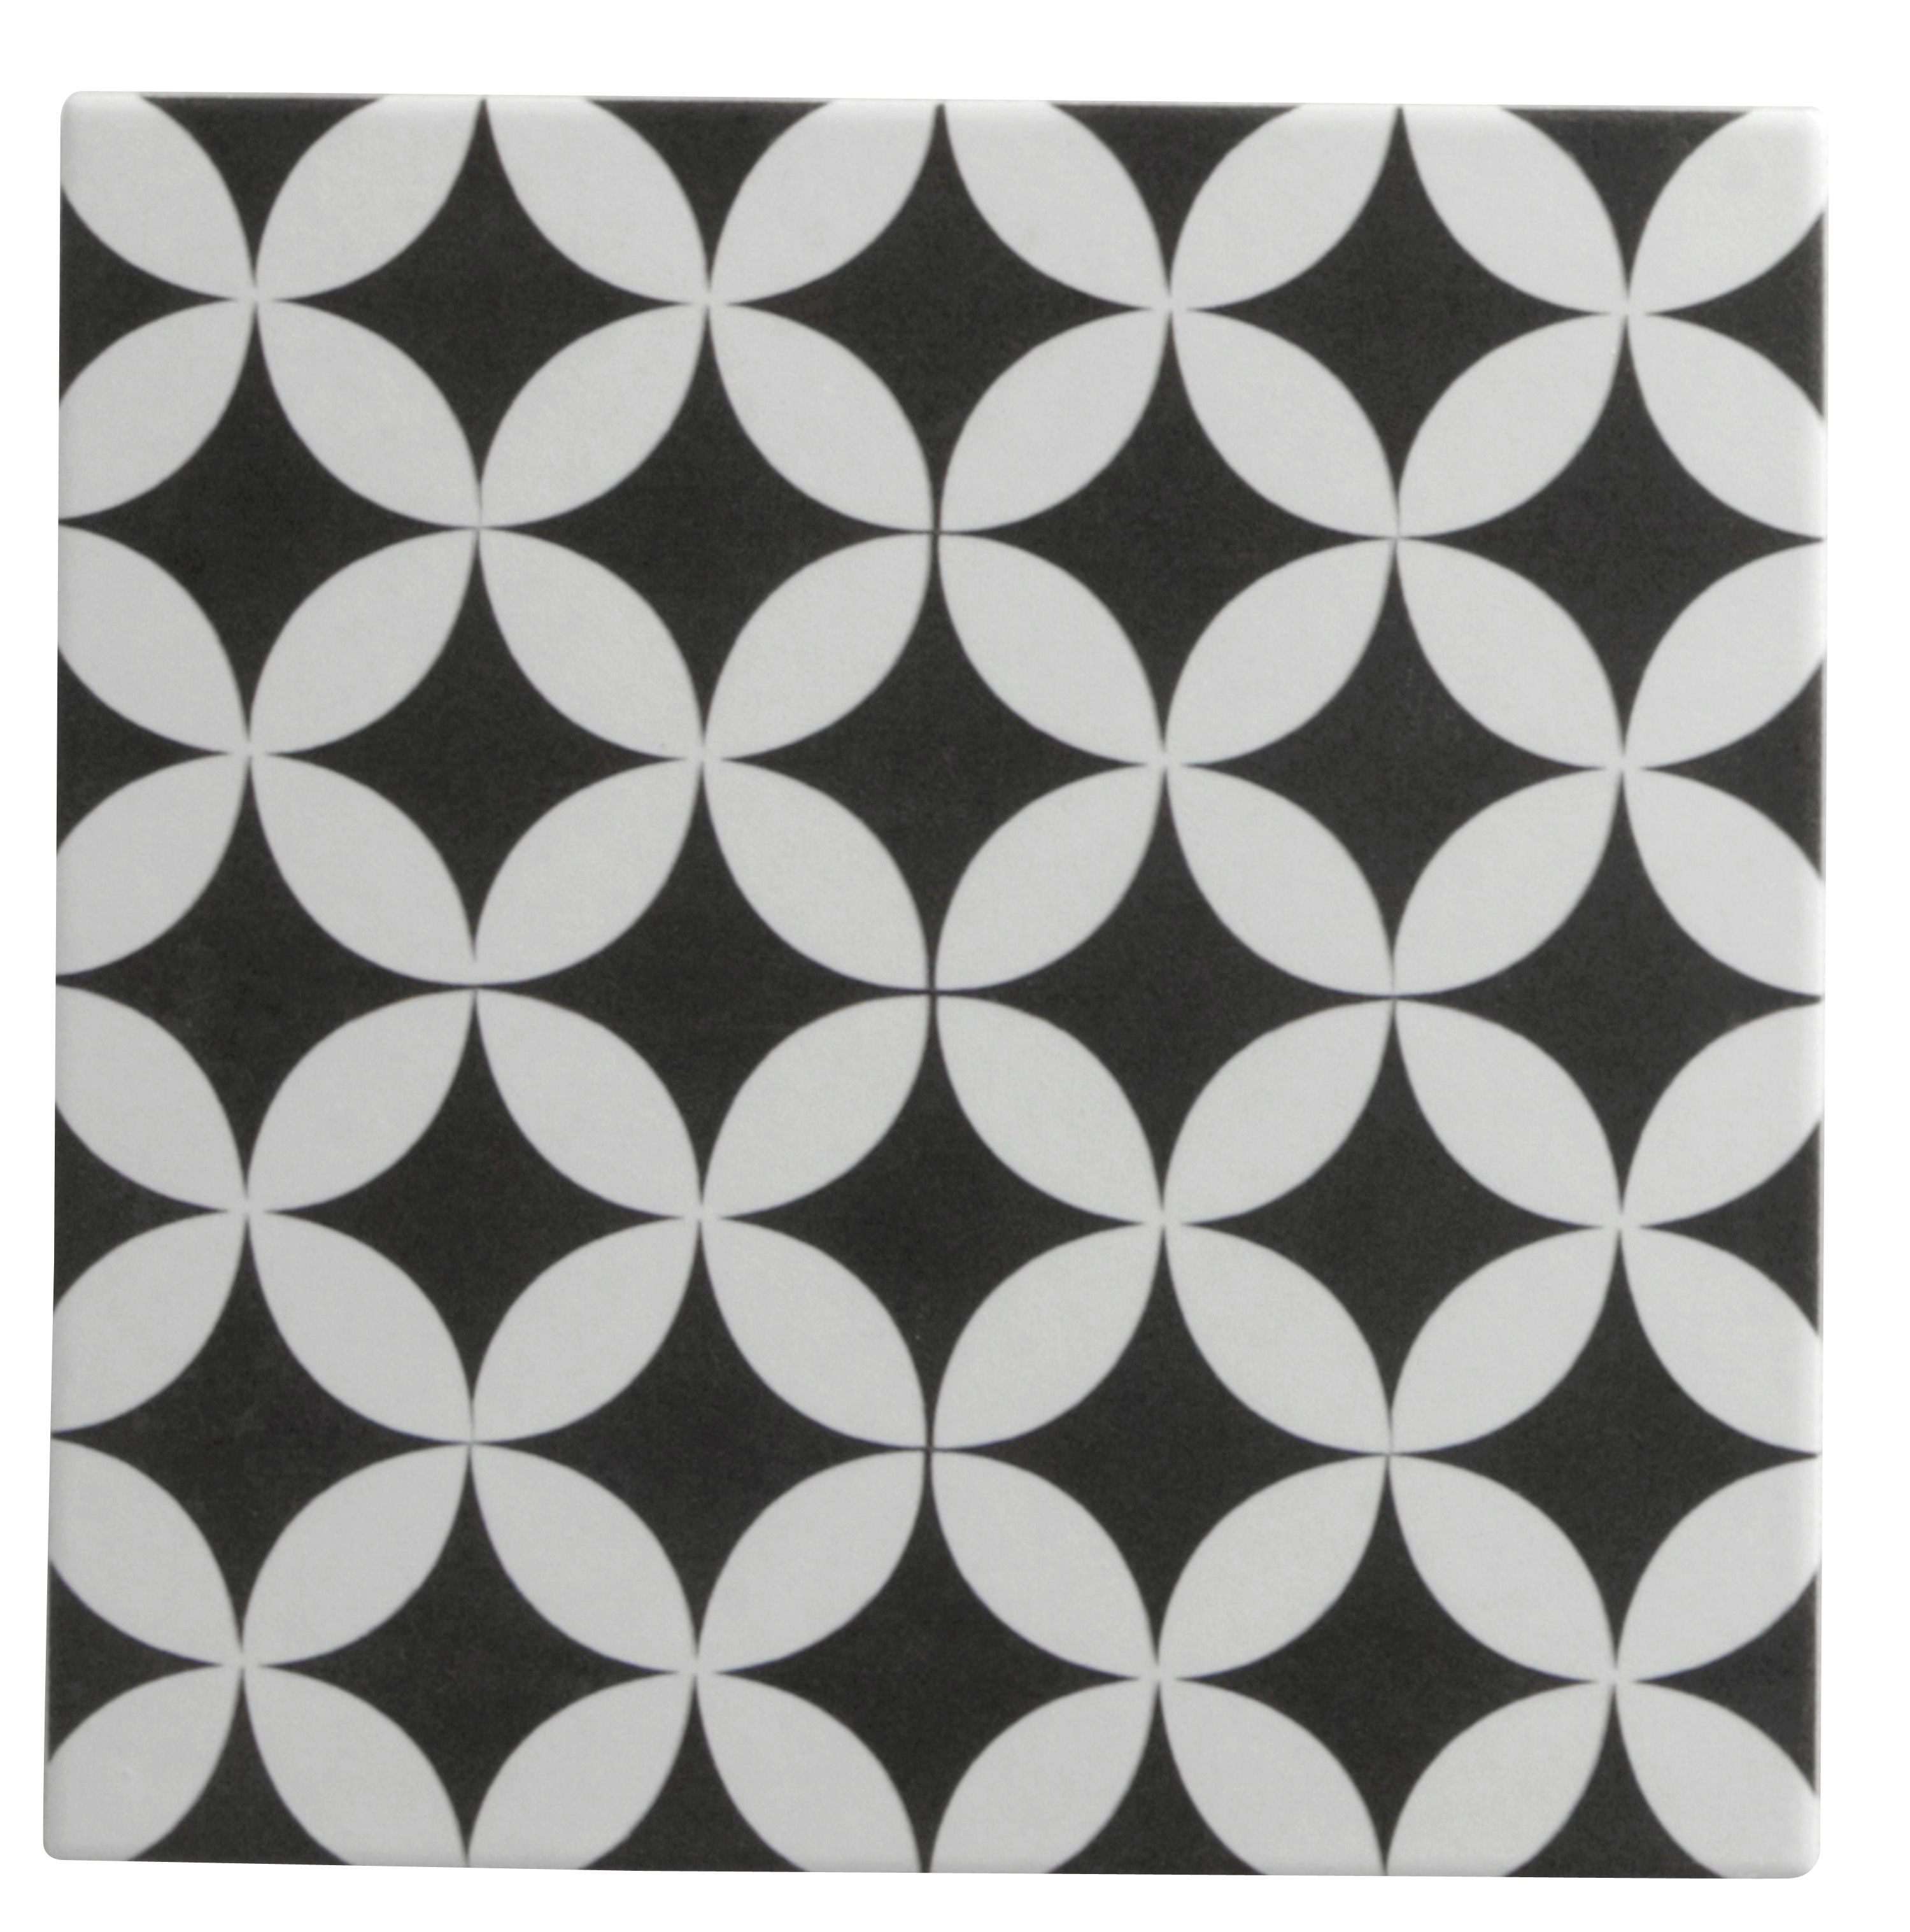 Carrelage Sol Et Mur Noir Blanc Effet Ciment Gatsby L 20 X L 20 Cm Leroymerlin Carrelage Carreaux De Ciment Noir Et Blanc Carreau De Ciment Carrelage Sol